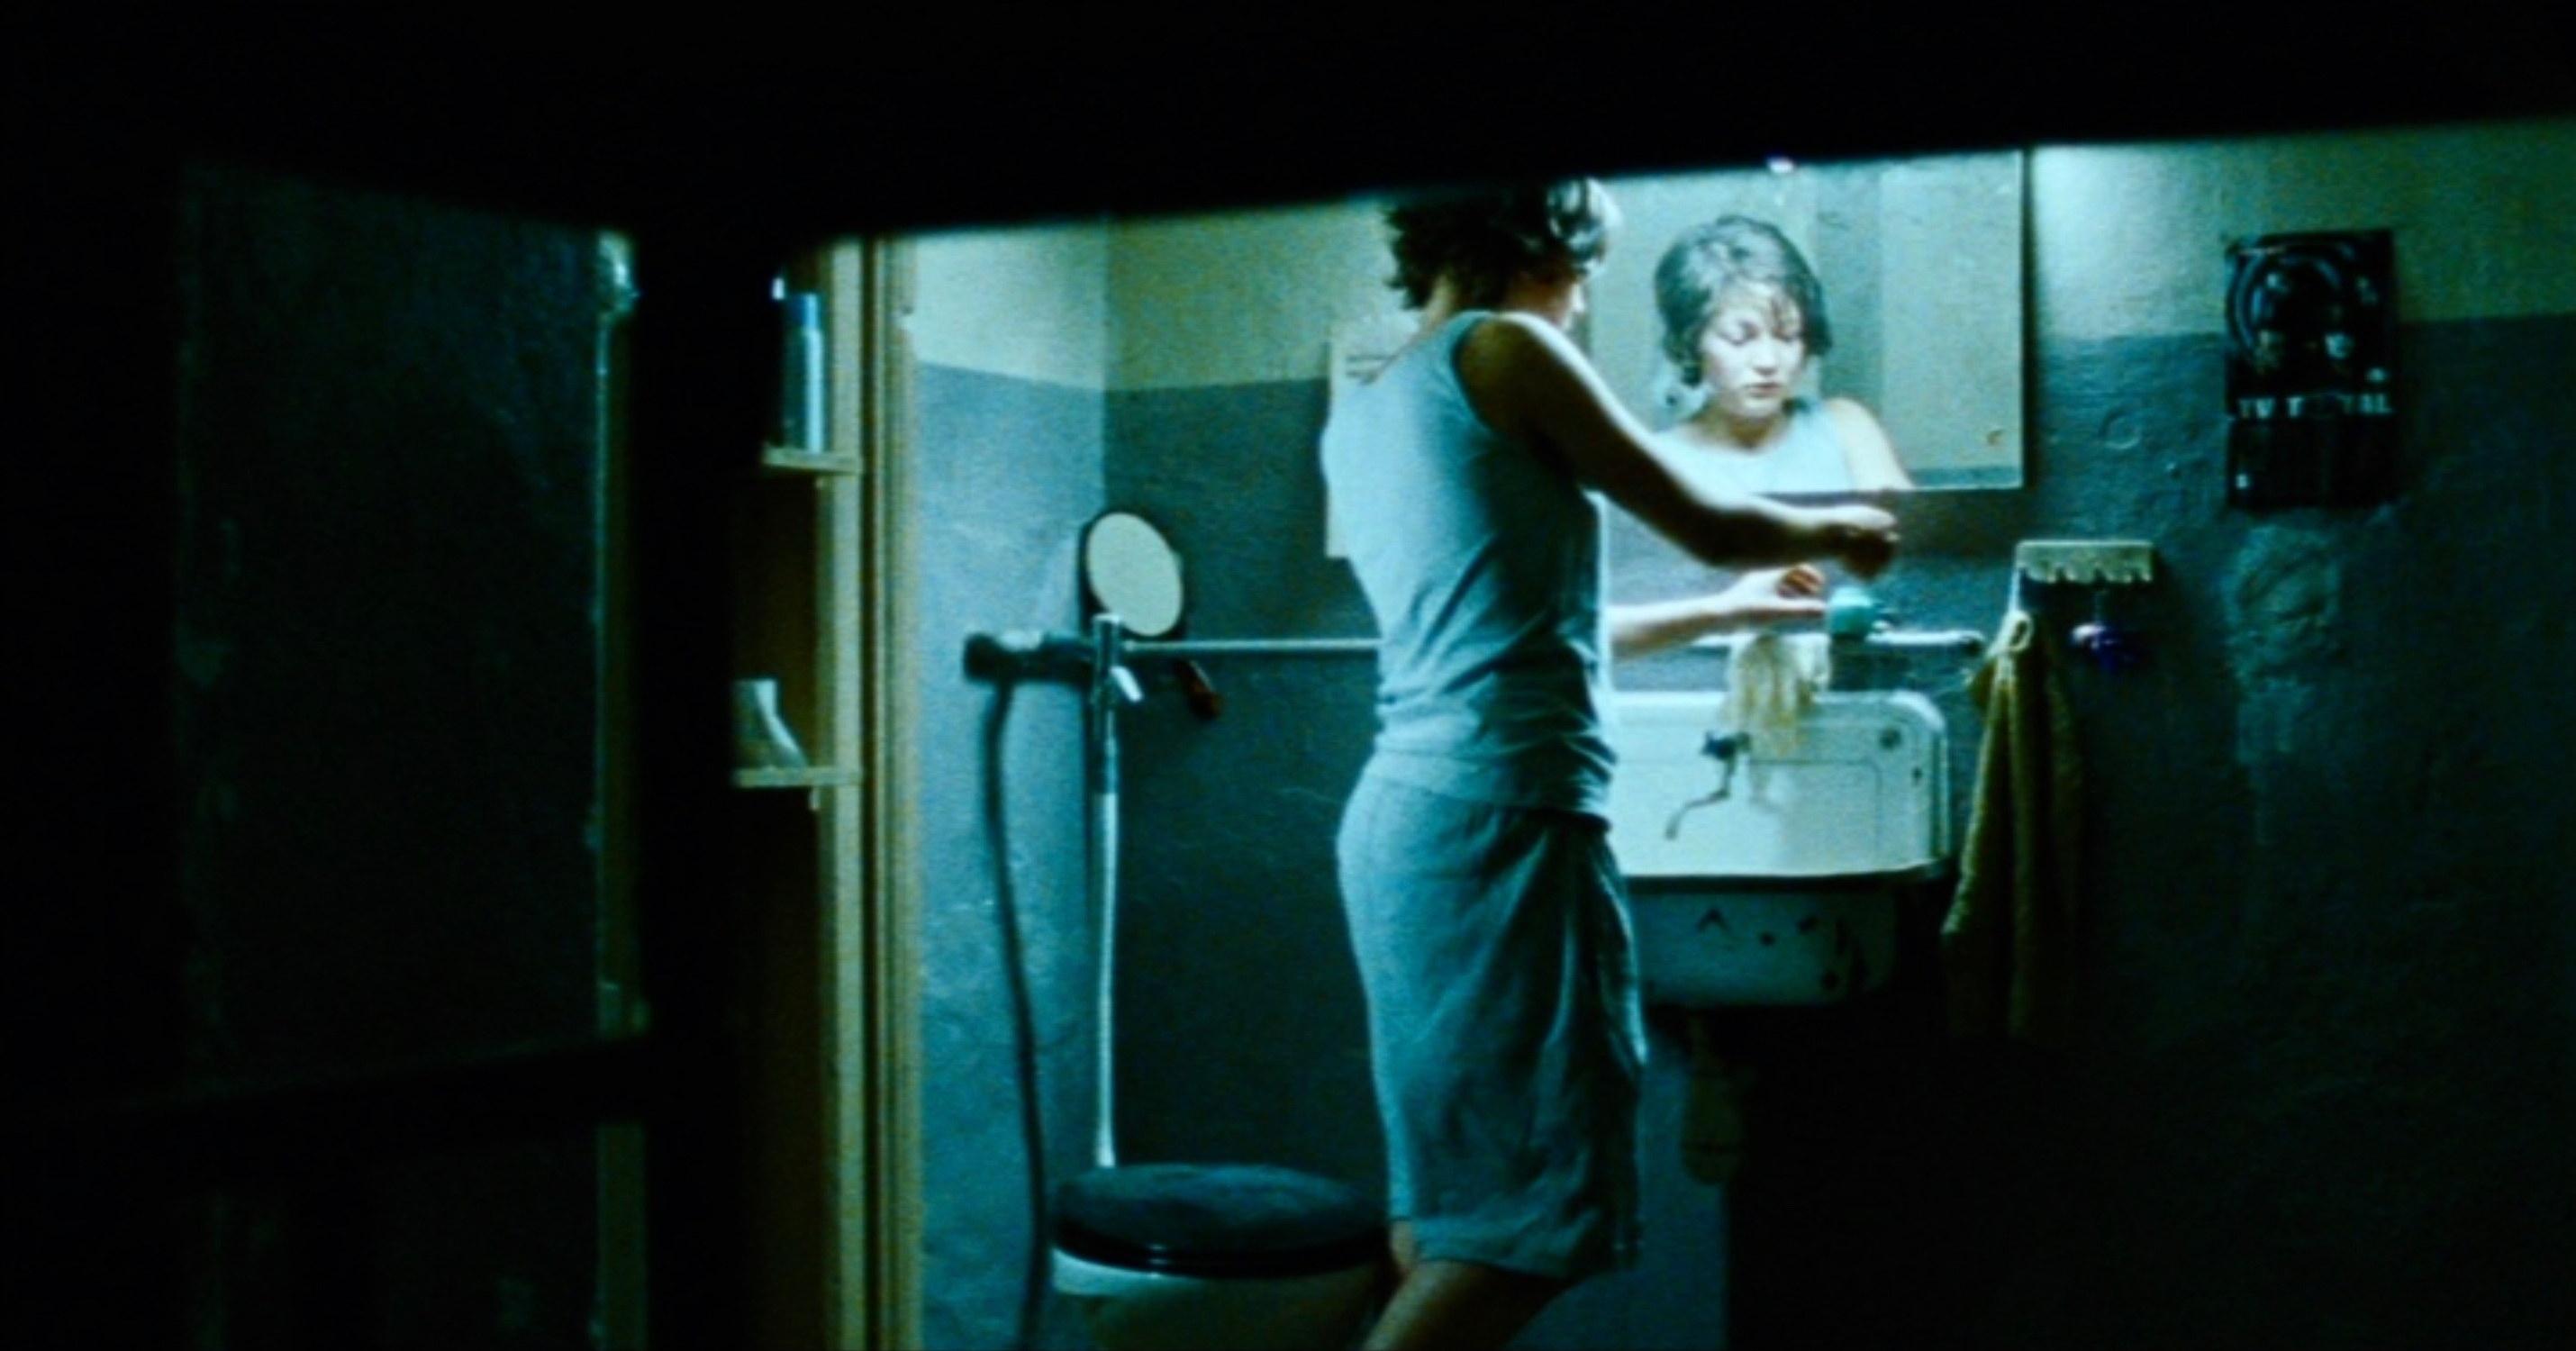 Vier Minuten - Four Minutes - Jenny stylt sich - Regie: Chris Kraus - Kamera Judith Kaufmann